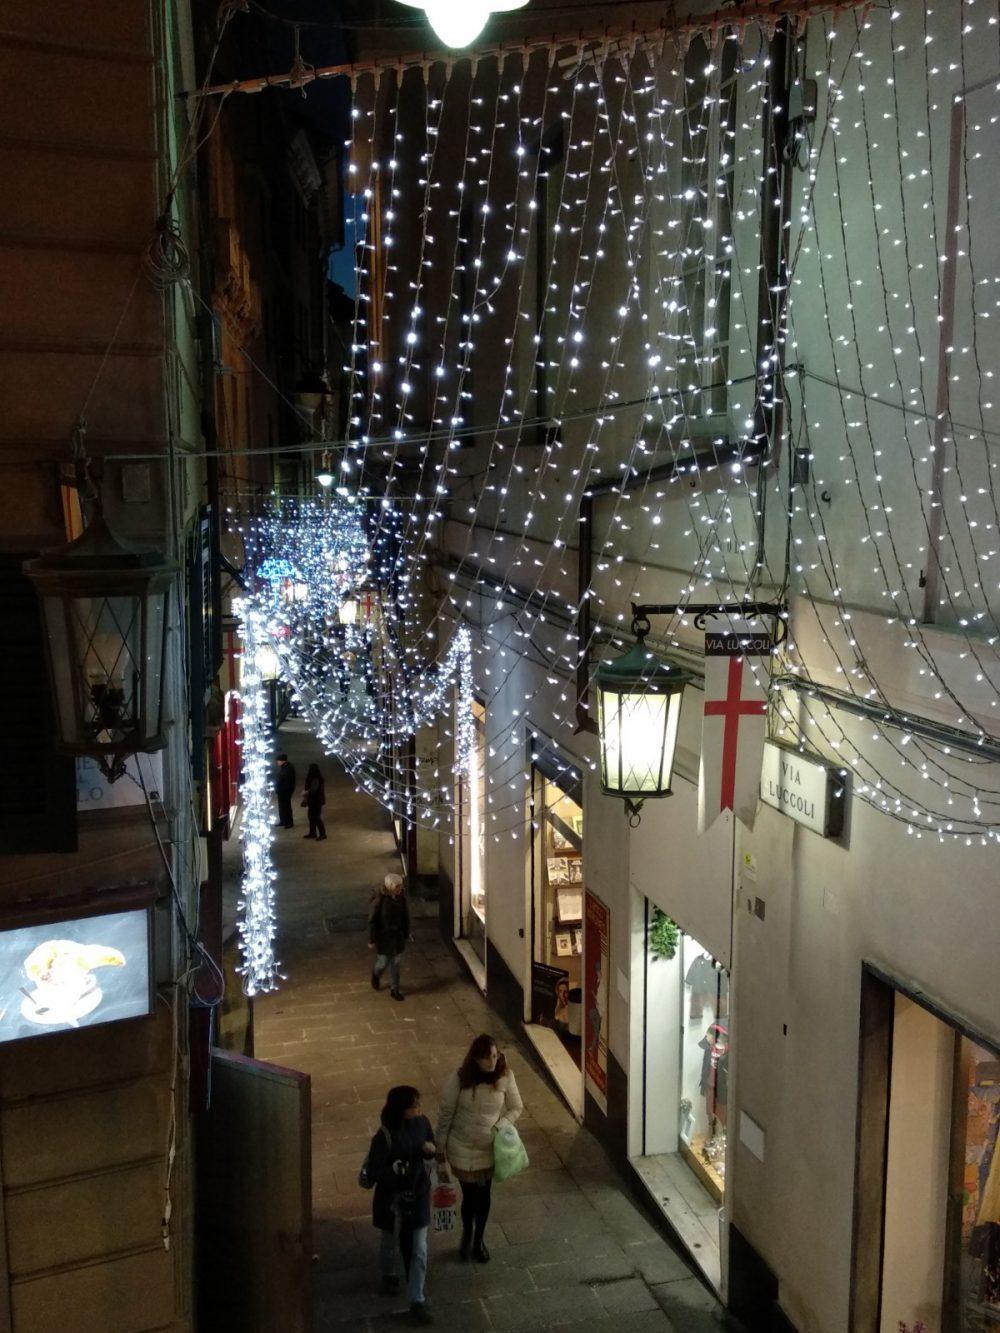 Luci nel centro di Genova